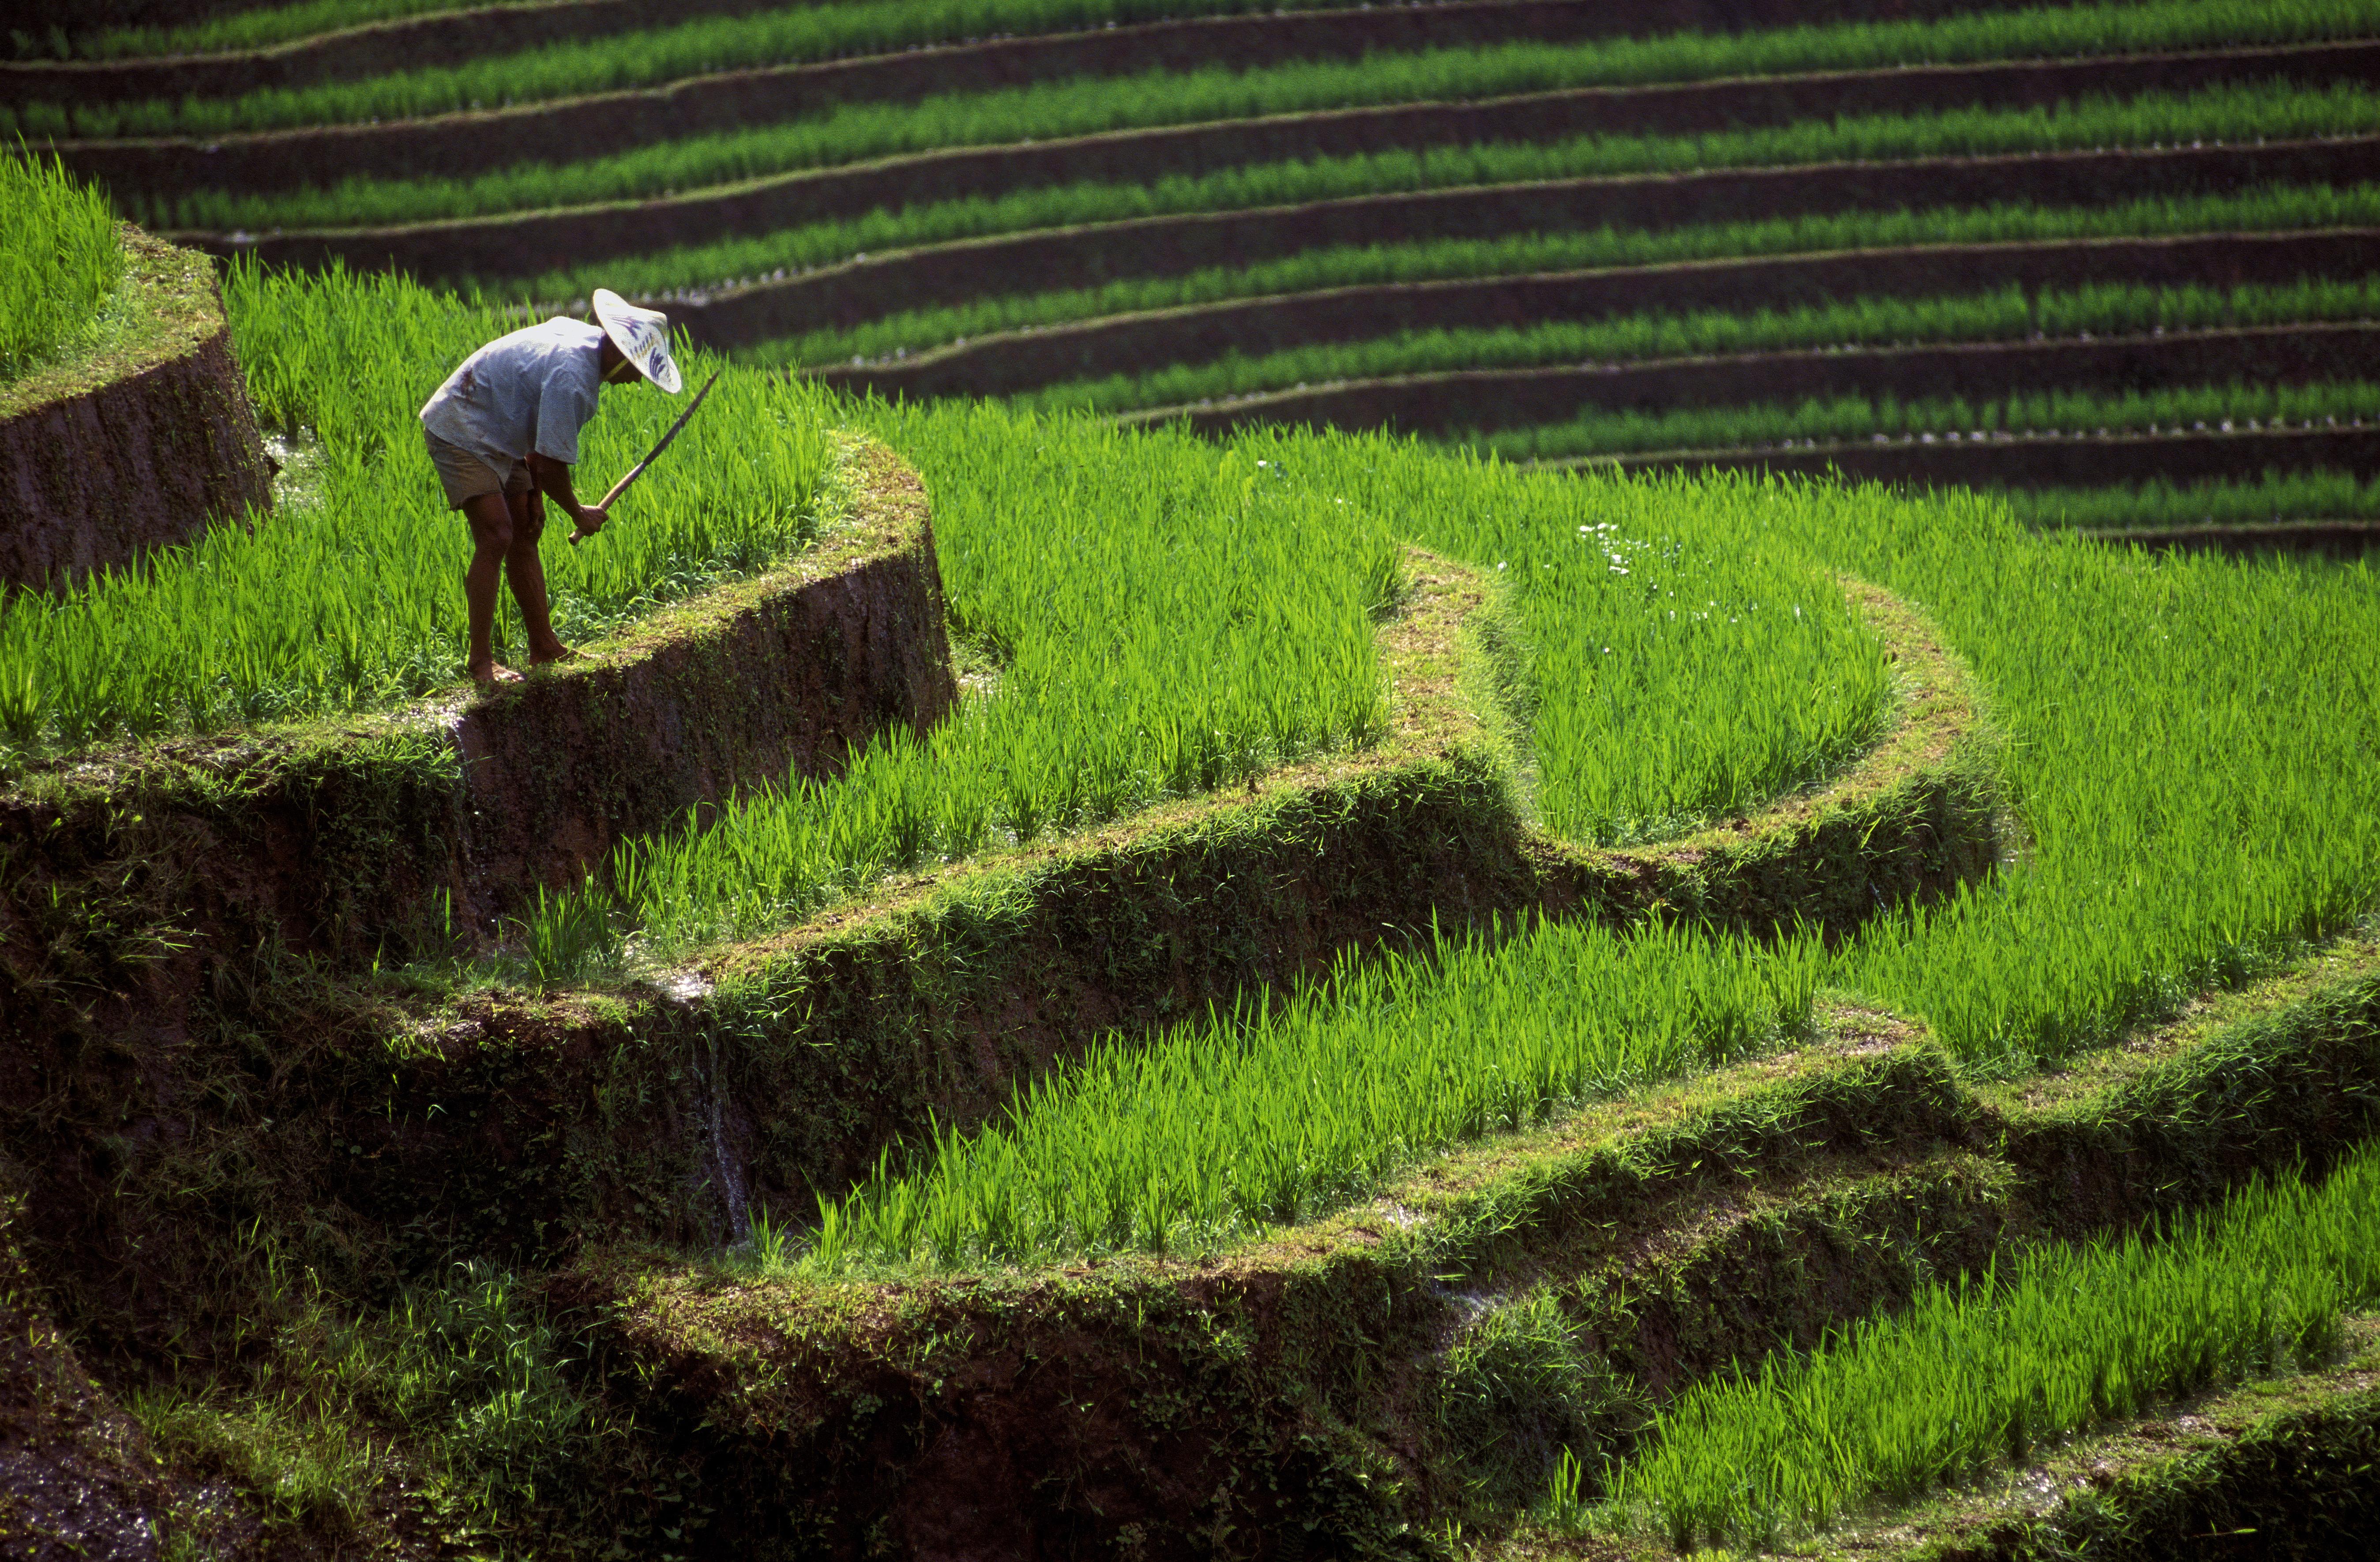 Indonesien Gruppenreise -Indonesien Bali Sulawesi Rundreise -Farmarbeiter auf Reisterrassen Zentralbali - Bali Indonesien